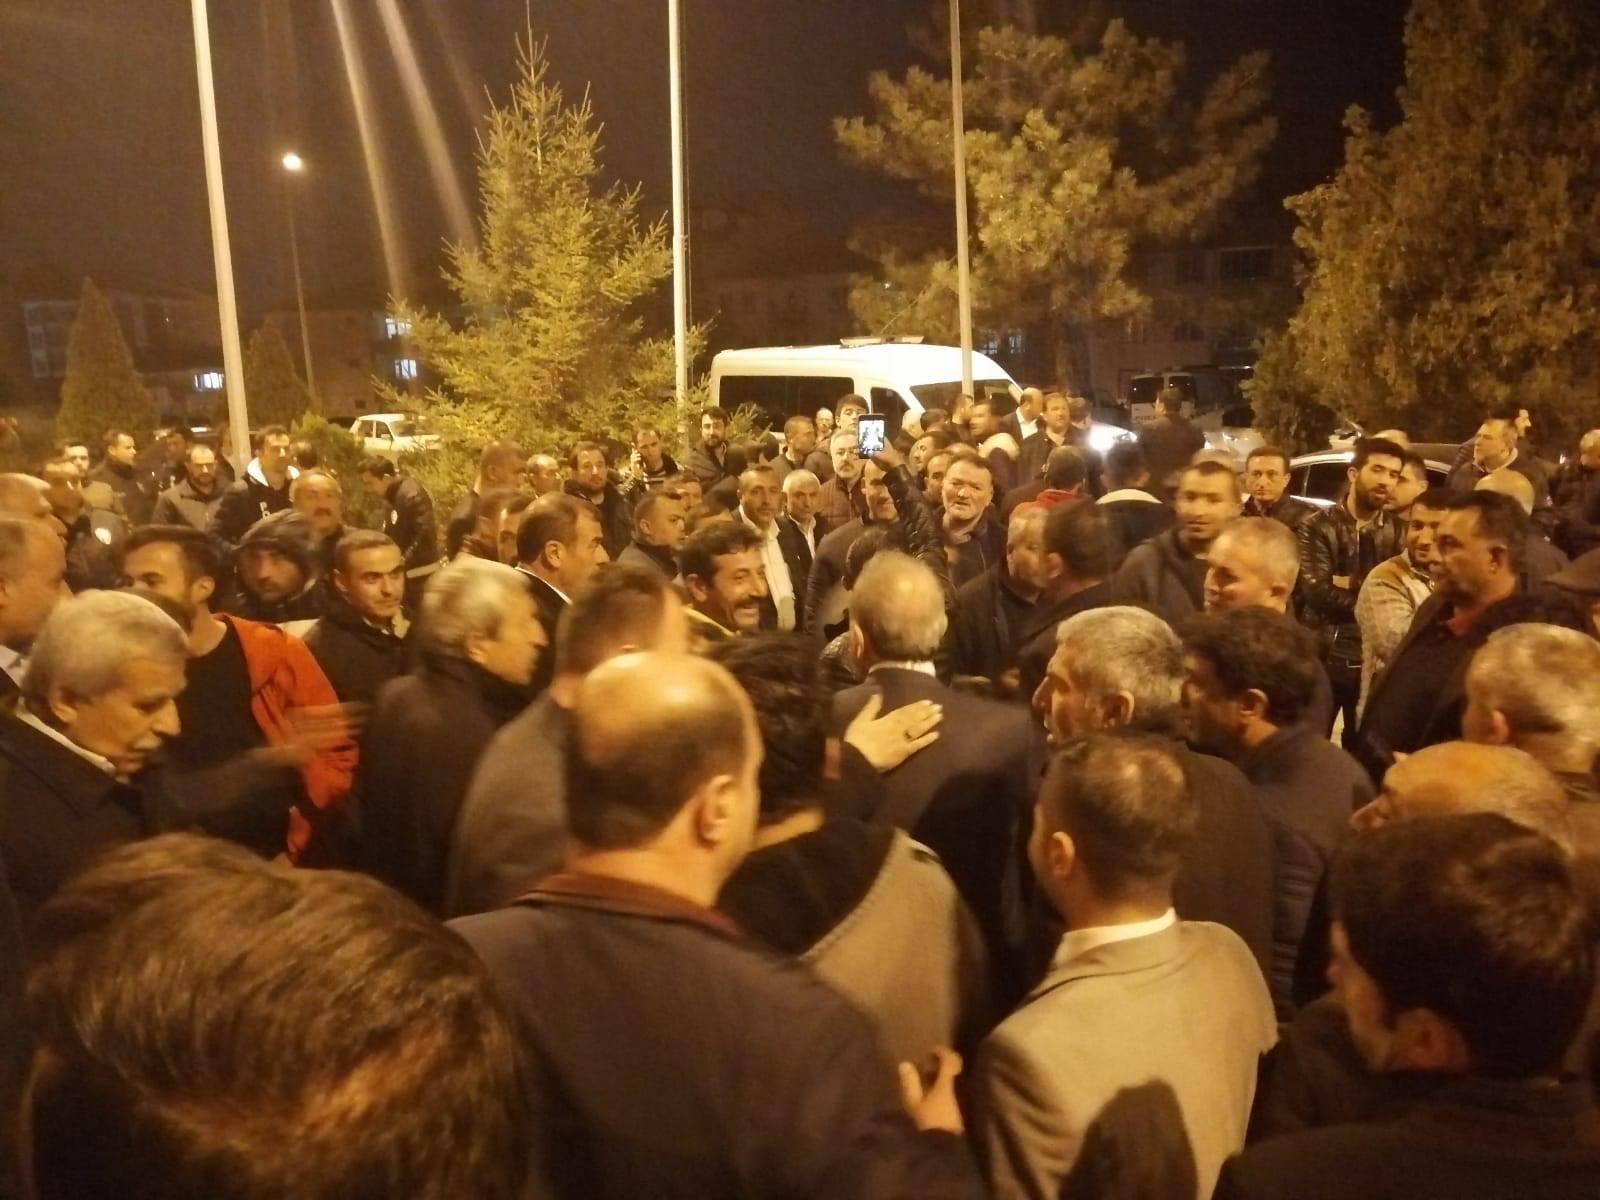 AK Parti, Sungurlu'da yerel seçimlerde geçersiz oyların yeniden sayılması için itiraz etti. Yapılan itirazı değerlerinden İlçe Seçim Kurulu, 75 sandıkta 807 oyun yeniden sayılmasına karar verdi.Yapılan sayımlar sonucunda İlçe Seçim Kurulu tarafından 74 sandıkta geçersiz olan oyların tamamı yeniden sayıldı. Yapılan kontrol sonucu oy birliği ile 8 oy İYİ Parti'ye, 4 oy da Ak Parti'ye eklendi. | Sungurlu Haber